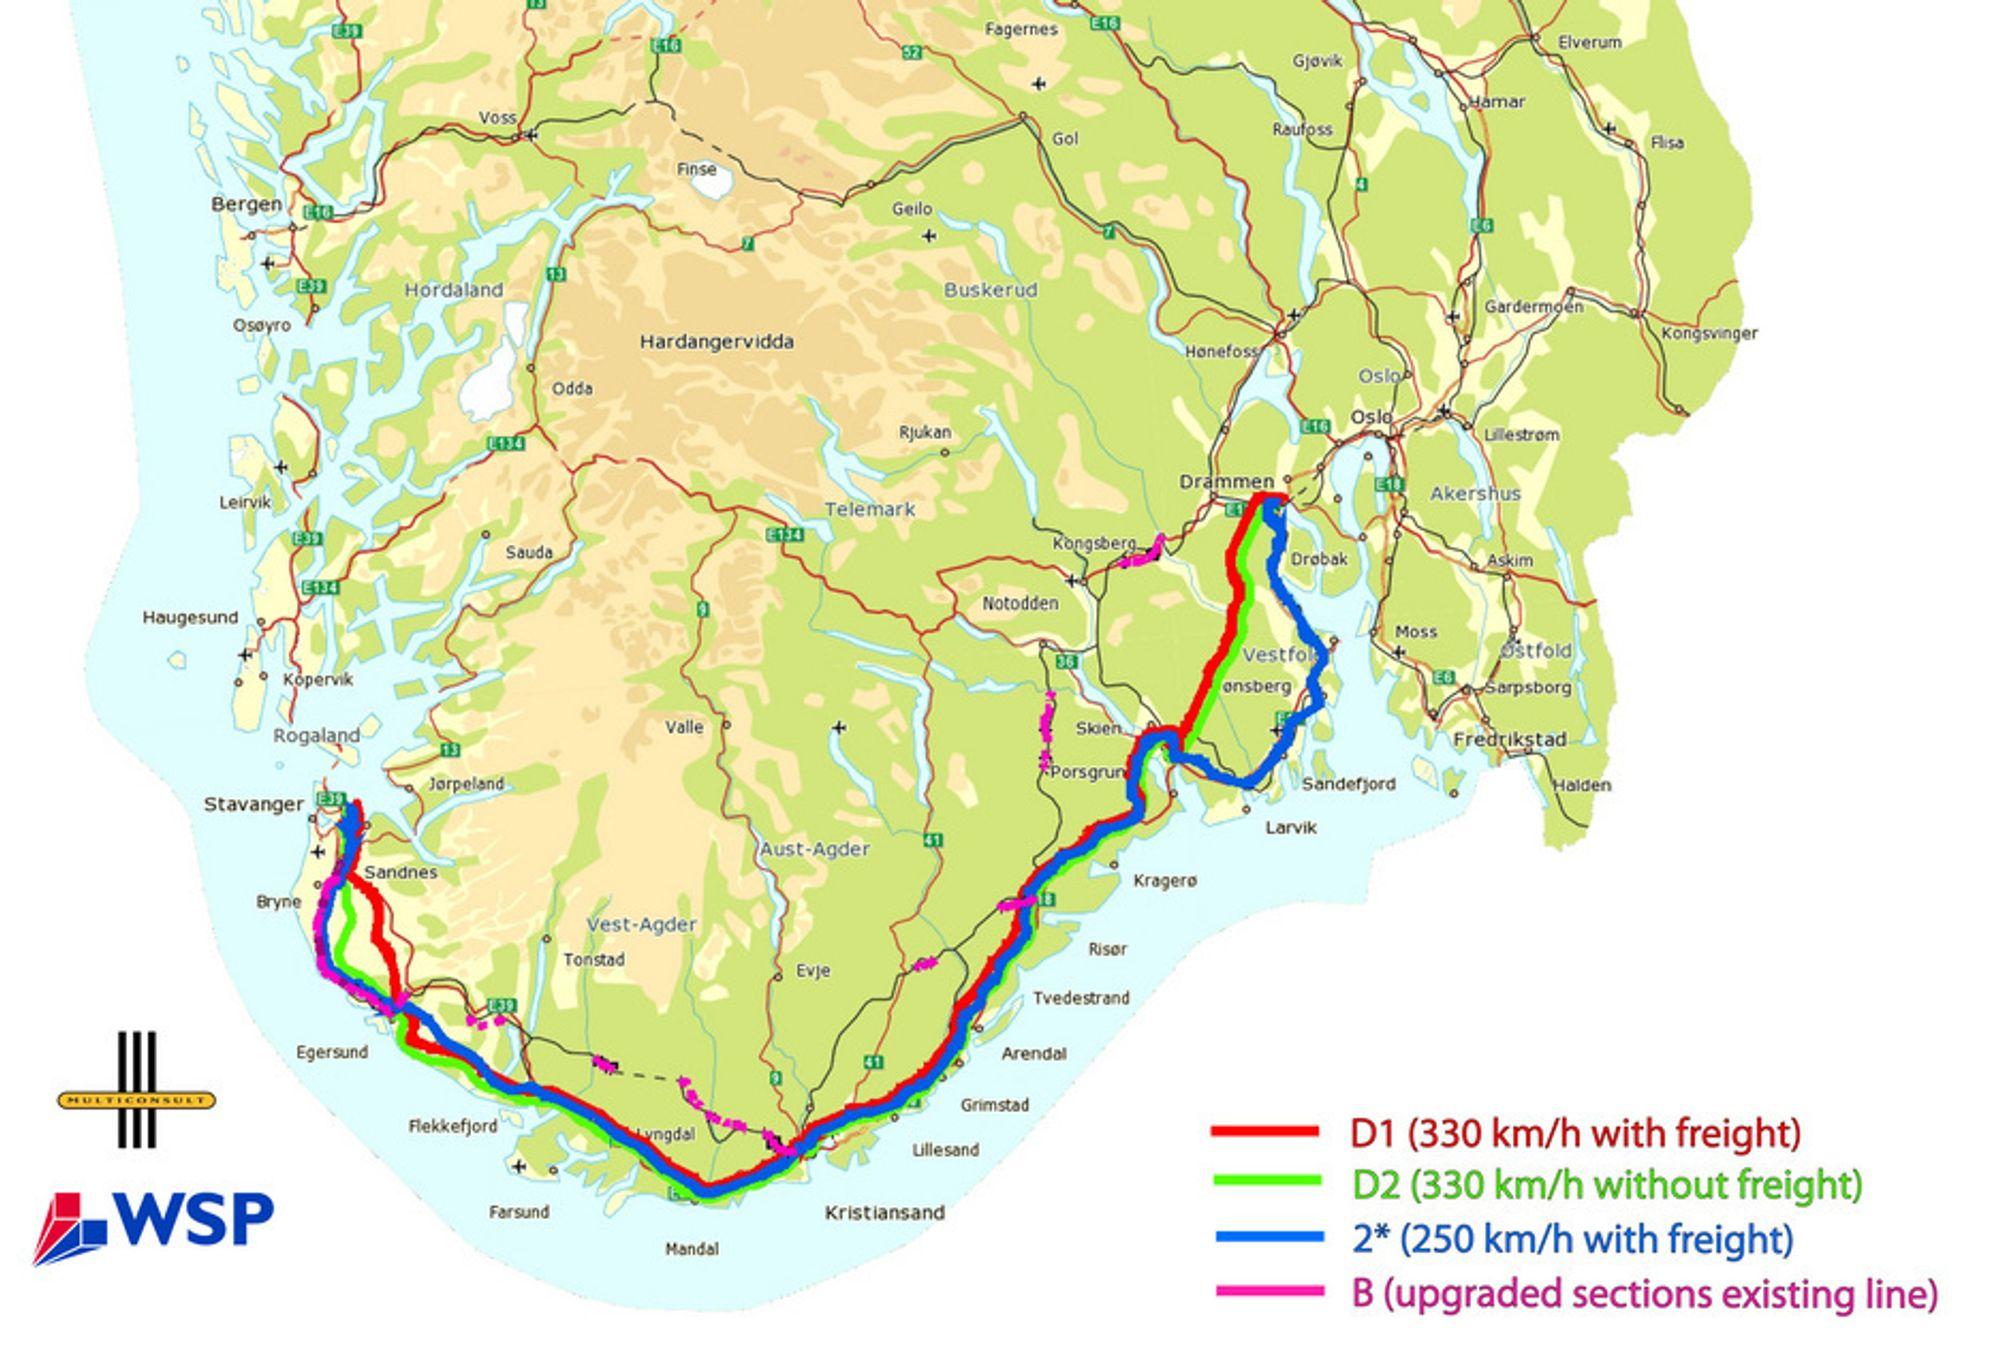 KYSTNÆR: Trasévalget som Multiconsult har kommet frem til langs Sørlandskysten går nærmere kysten enn dagens llinje. Linjene D1 (rød), D2(grønn) og 2*(blå) er alle nye. B, oppgradering av dagens linje, er kun vist med rosa der det er behov for endringer.